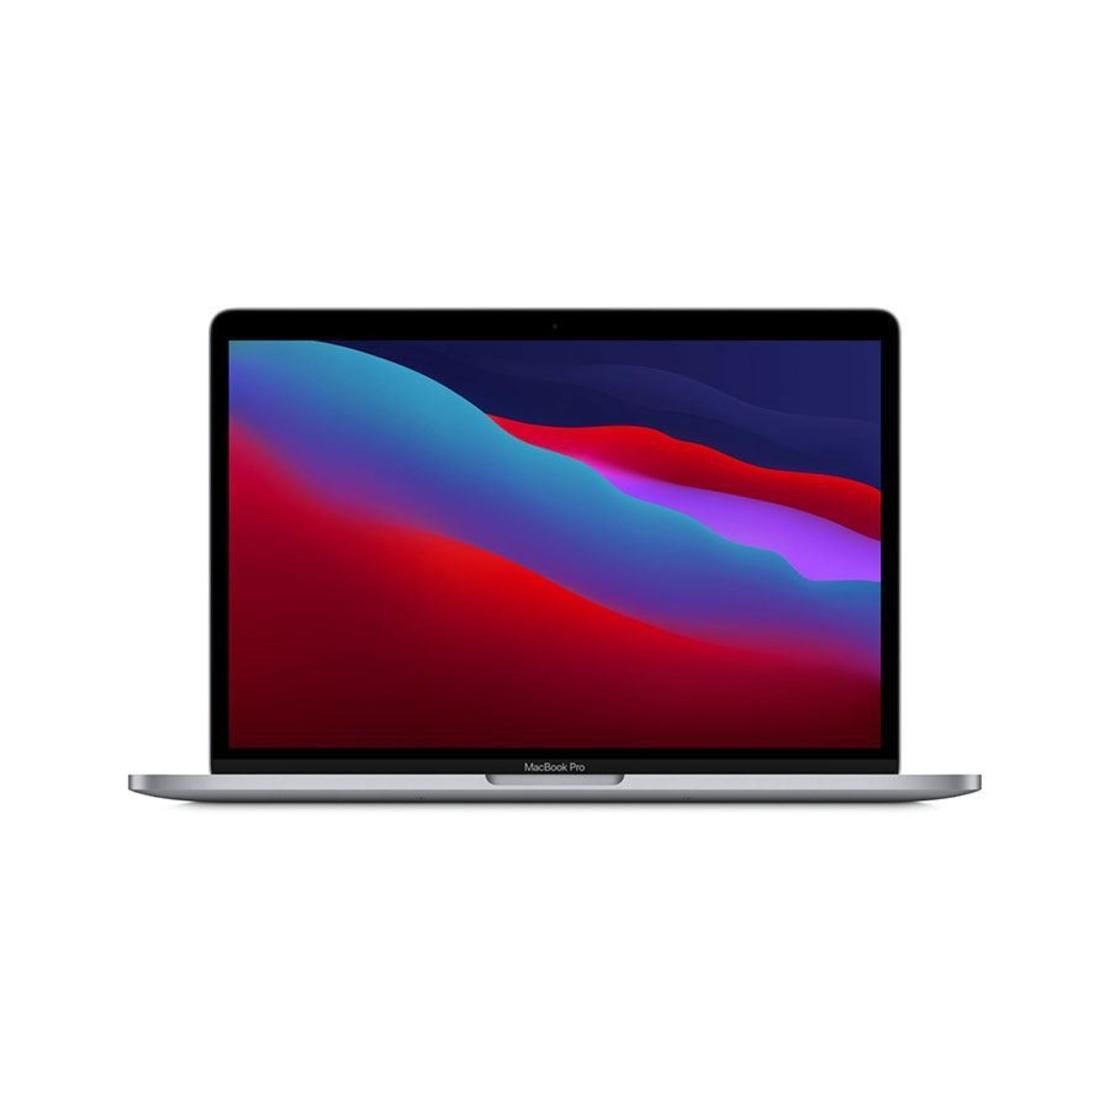 מחשב נייד MacBook Pro 13.3/AppleM1/8GB/256GB/macOS/1Y